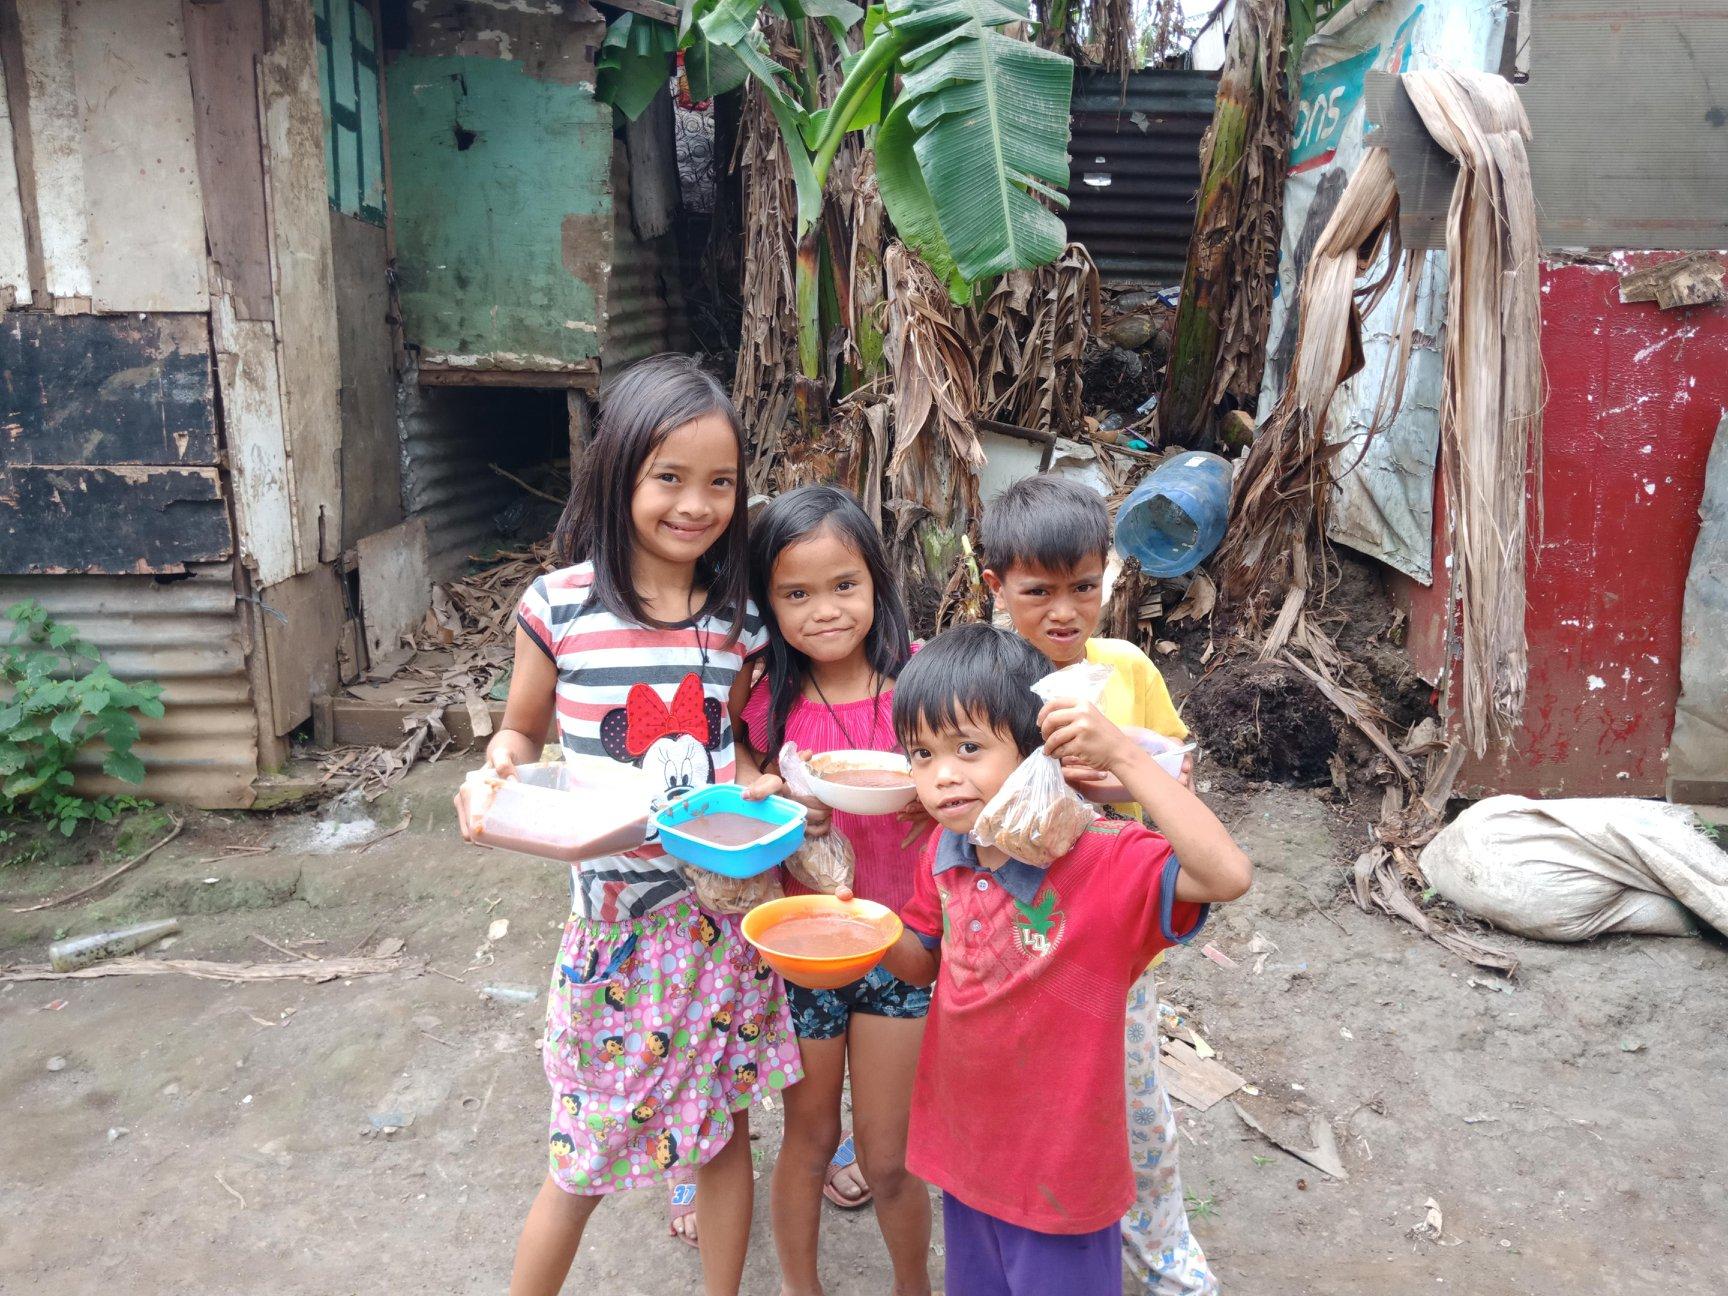 Для пострадавших православные волонтеры готовят рис с овощами, сухофруктами и специальным витаминным комплексом